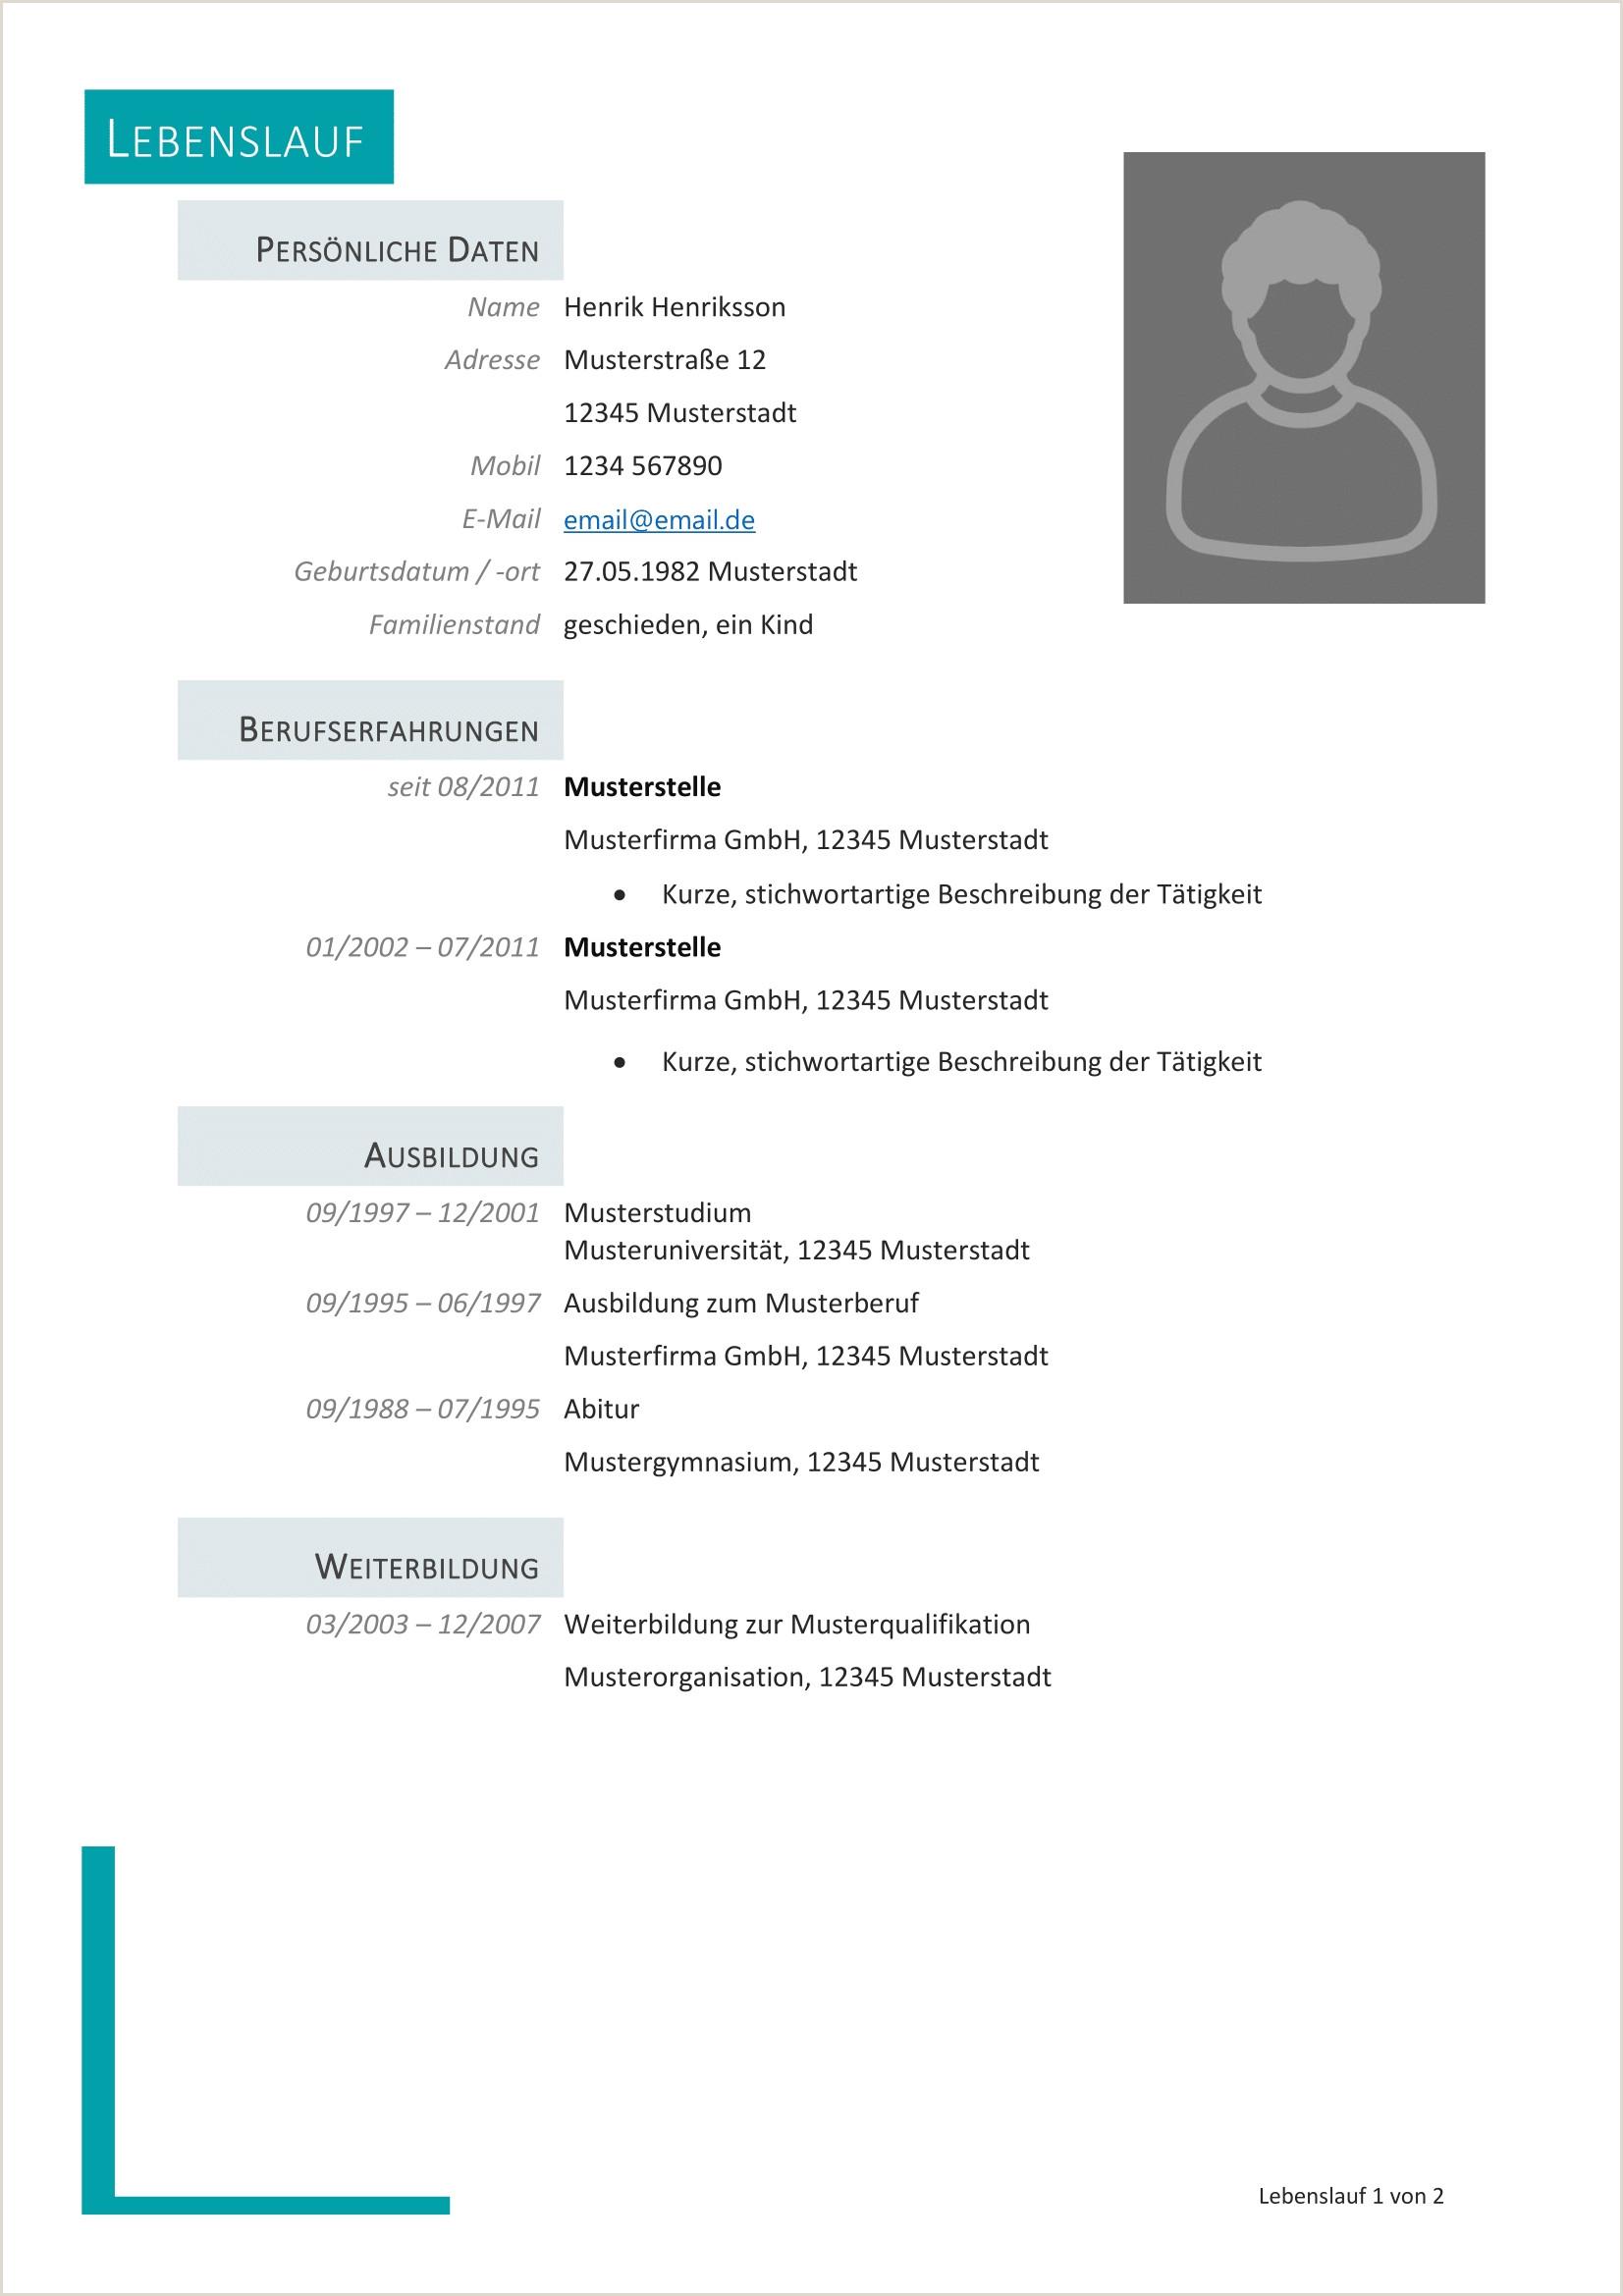 Lebenslauf Muster Ohne Registrierung 14 Beispiel Lebenslauf Vorlagen Kostenlos Ohne Registrierung